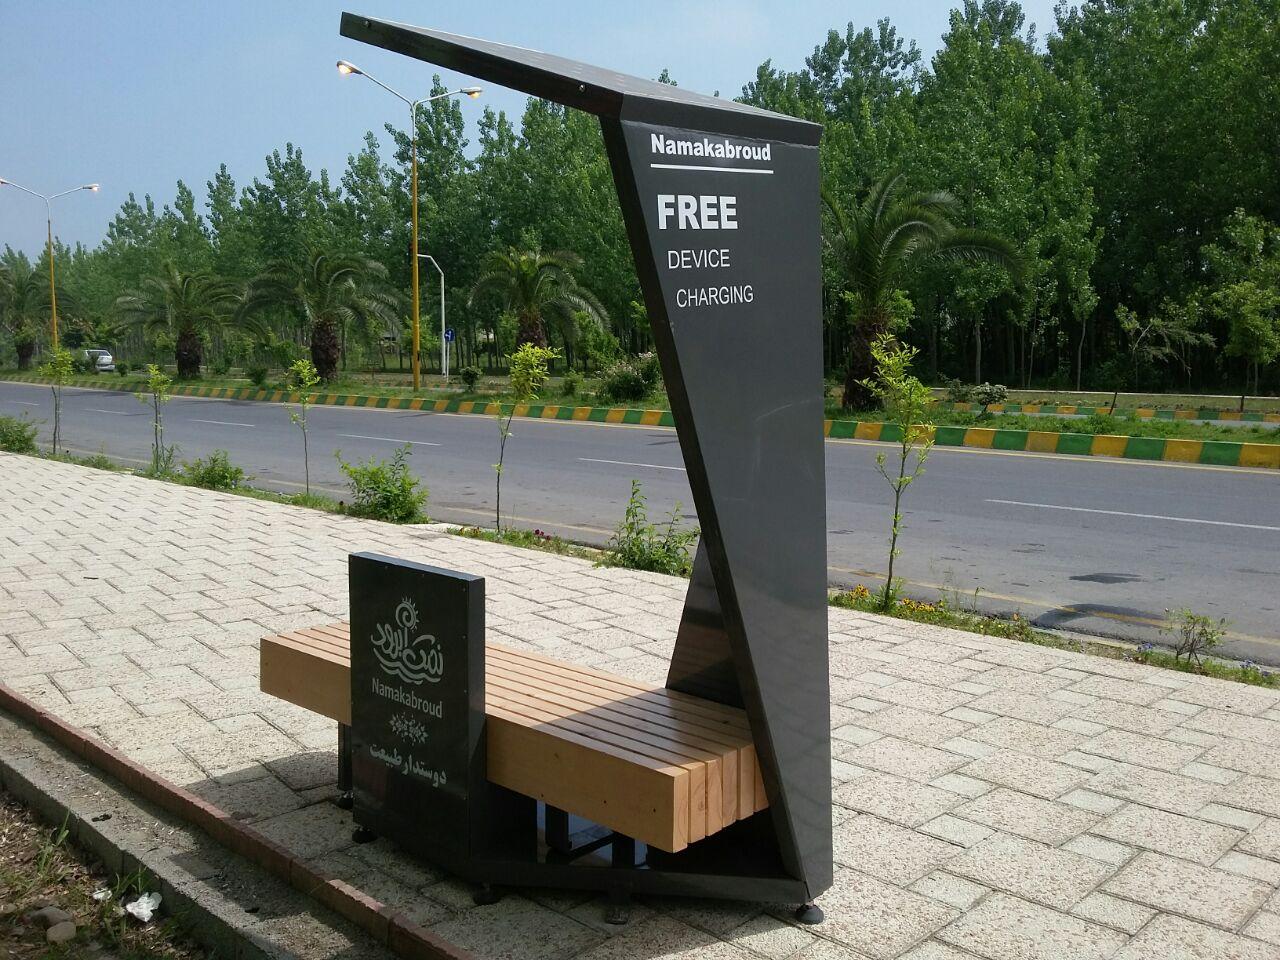 شارژ تلفنهای همراه به کمک نیمکتهای پارک/ شهر را به مبلمانهای هوشمند مجهز کنید